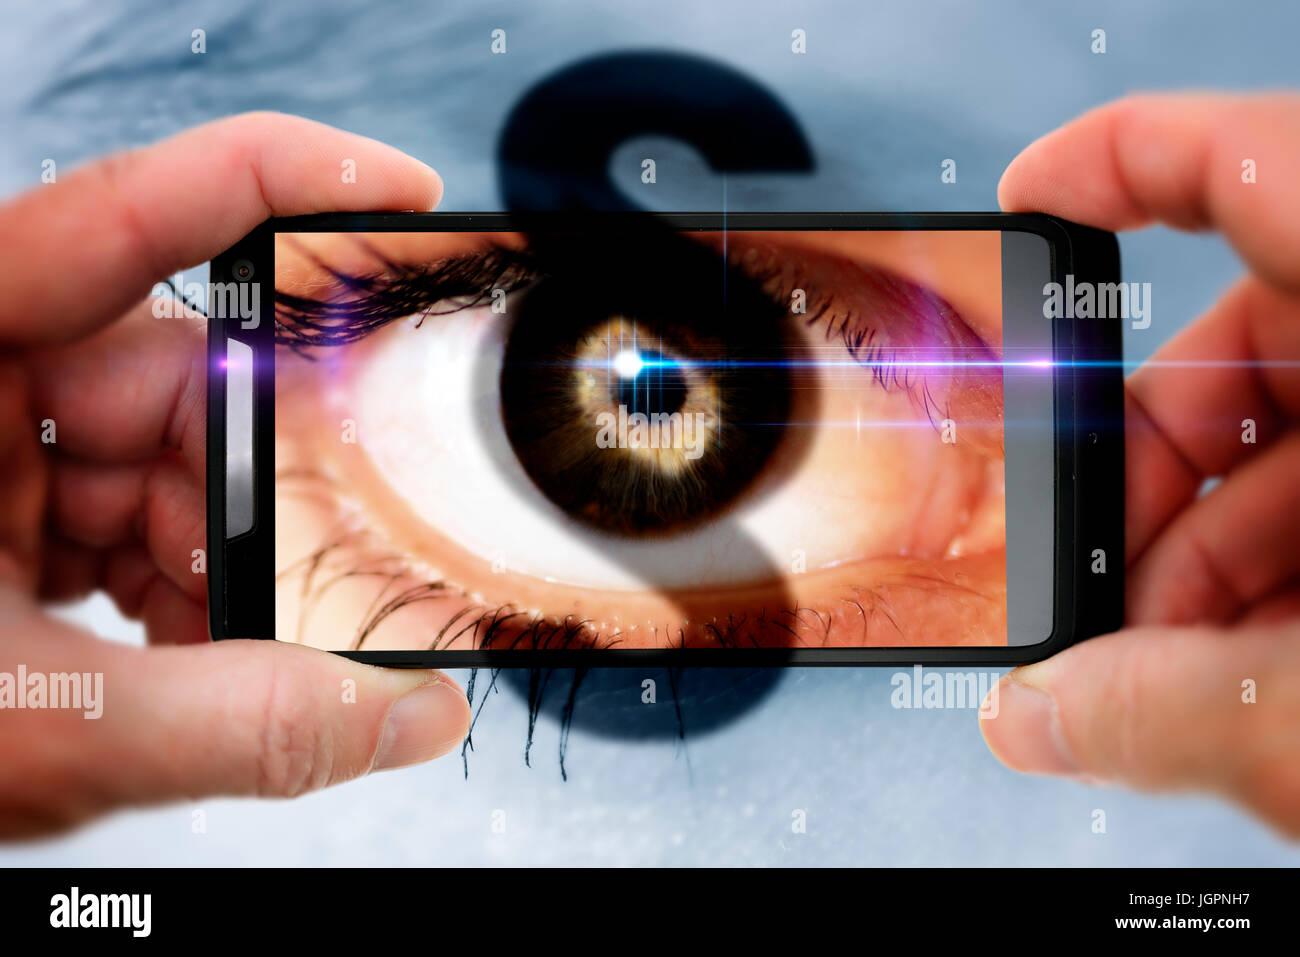 Los ojos de una mujer en un teléfono móvil con cámara, gawker signo de párrafo Foto de stock